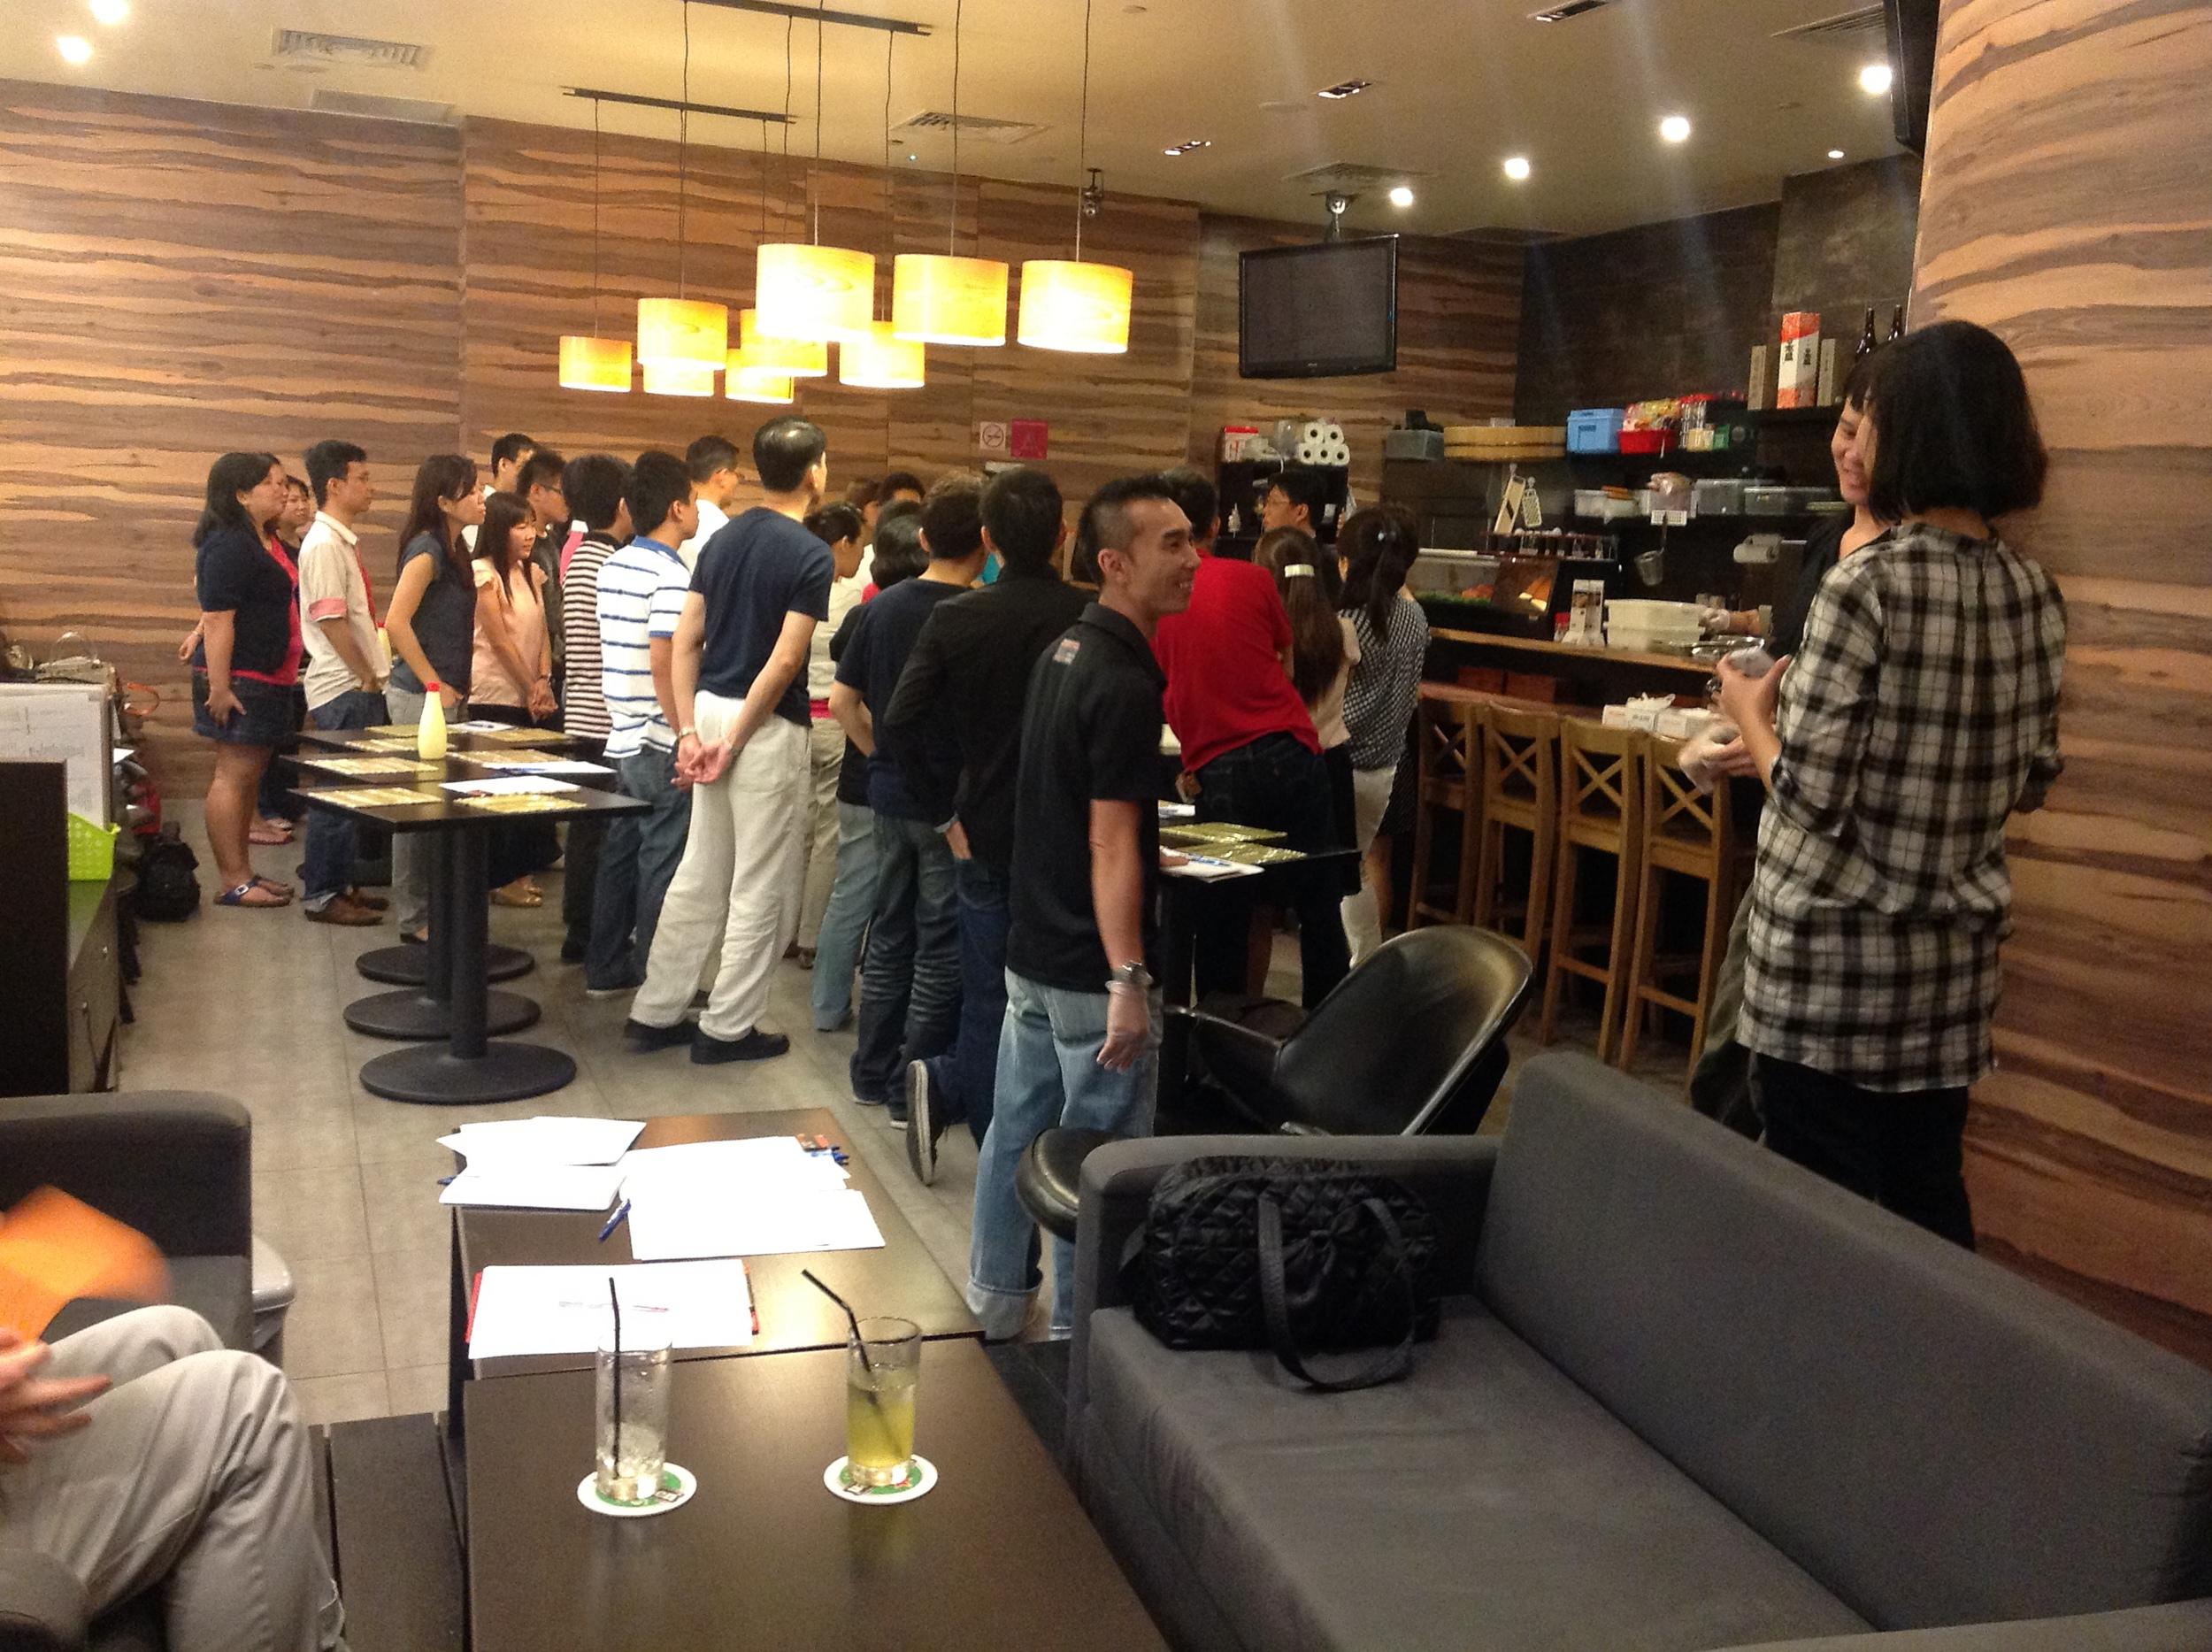 Sushi-making class at Marina Bay Link Mall. Located at the Marina Bay Financial Centre.